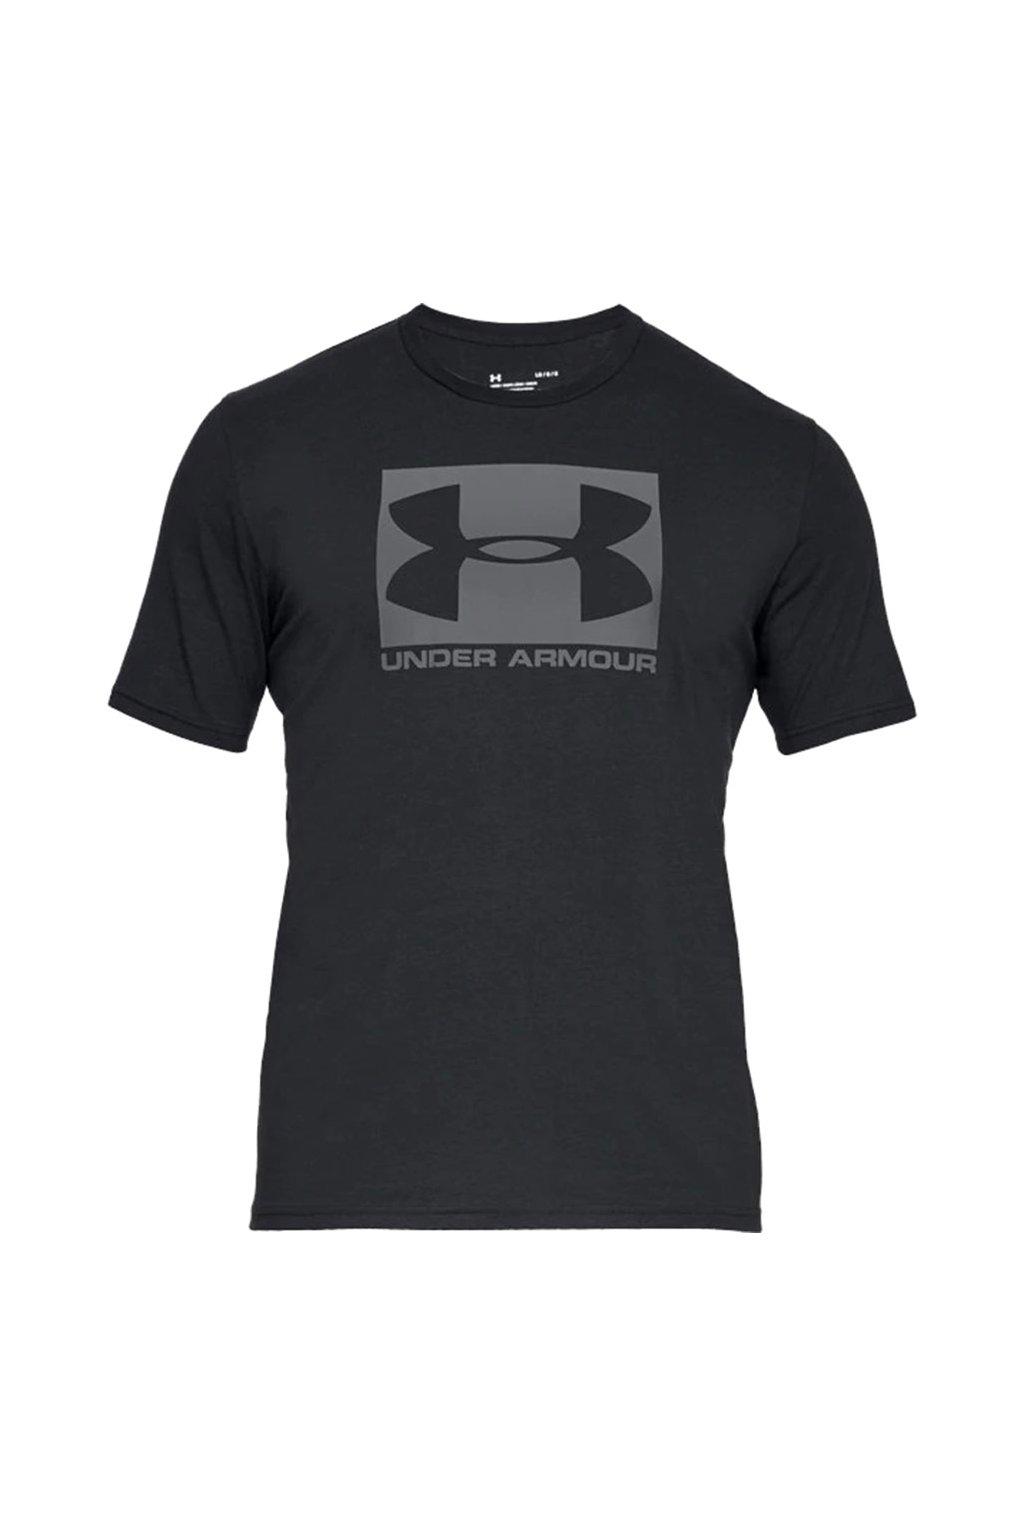 Pánske tričko Under Armour Boxed Sportstyle Ss čierne 1329581 001